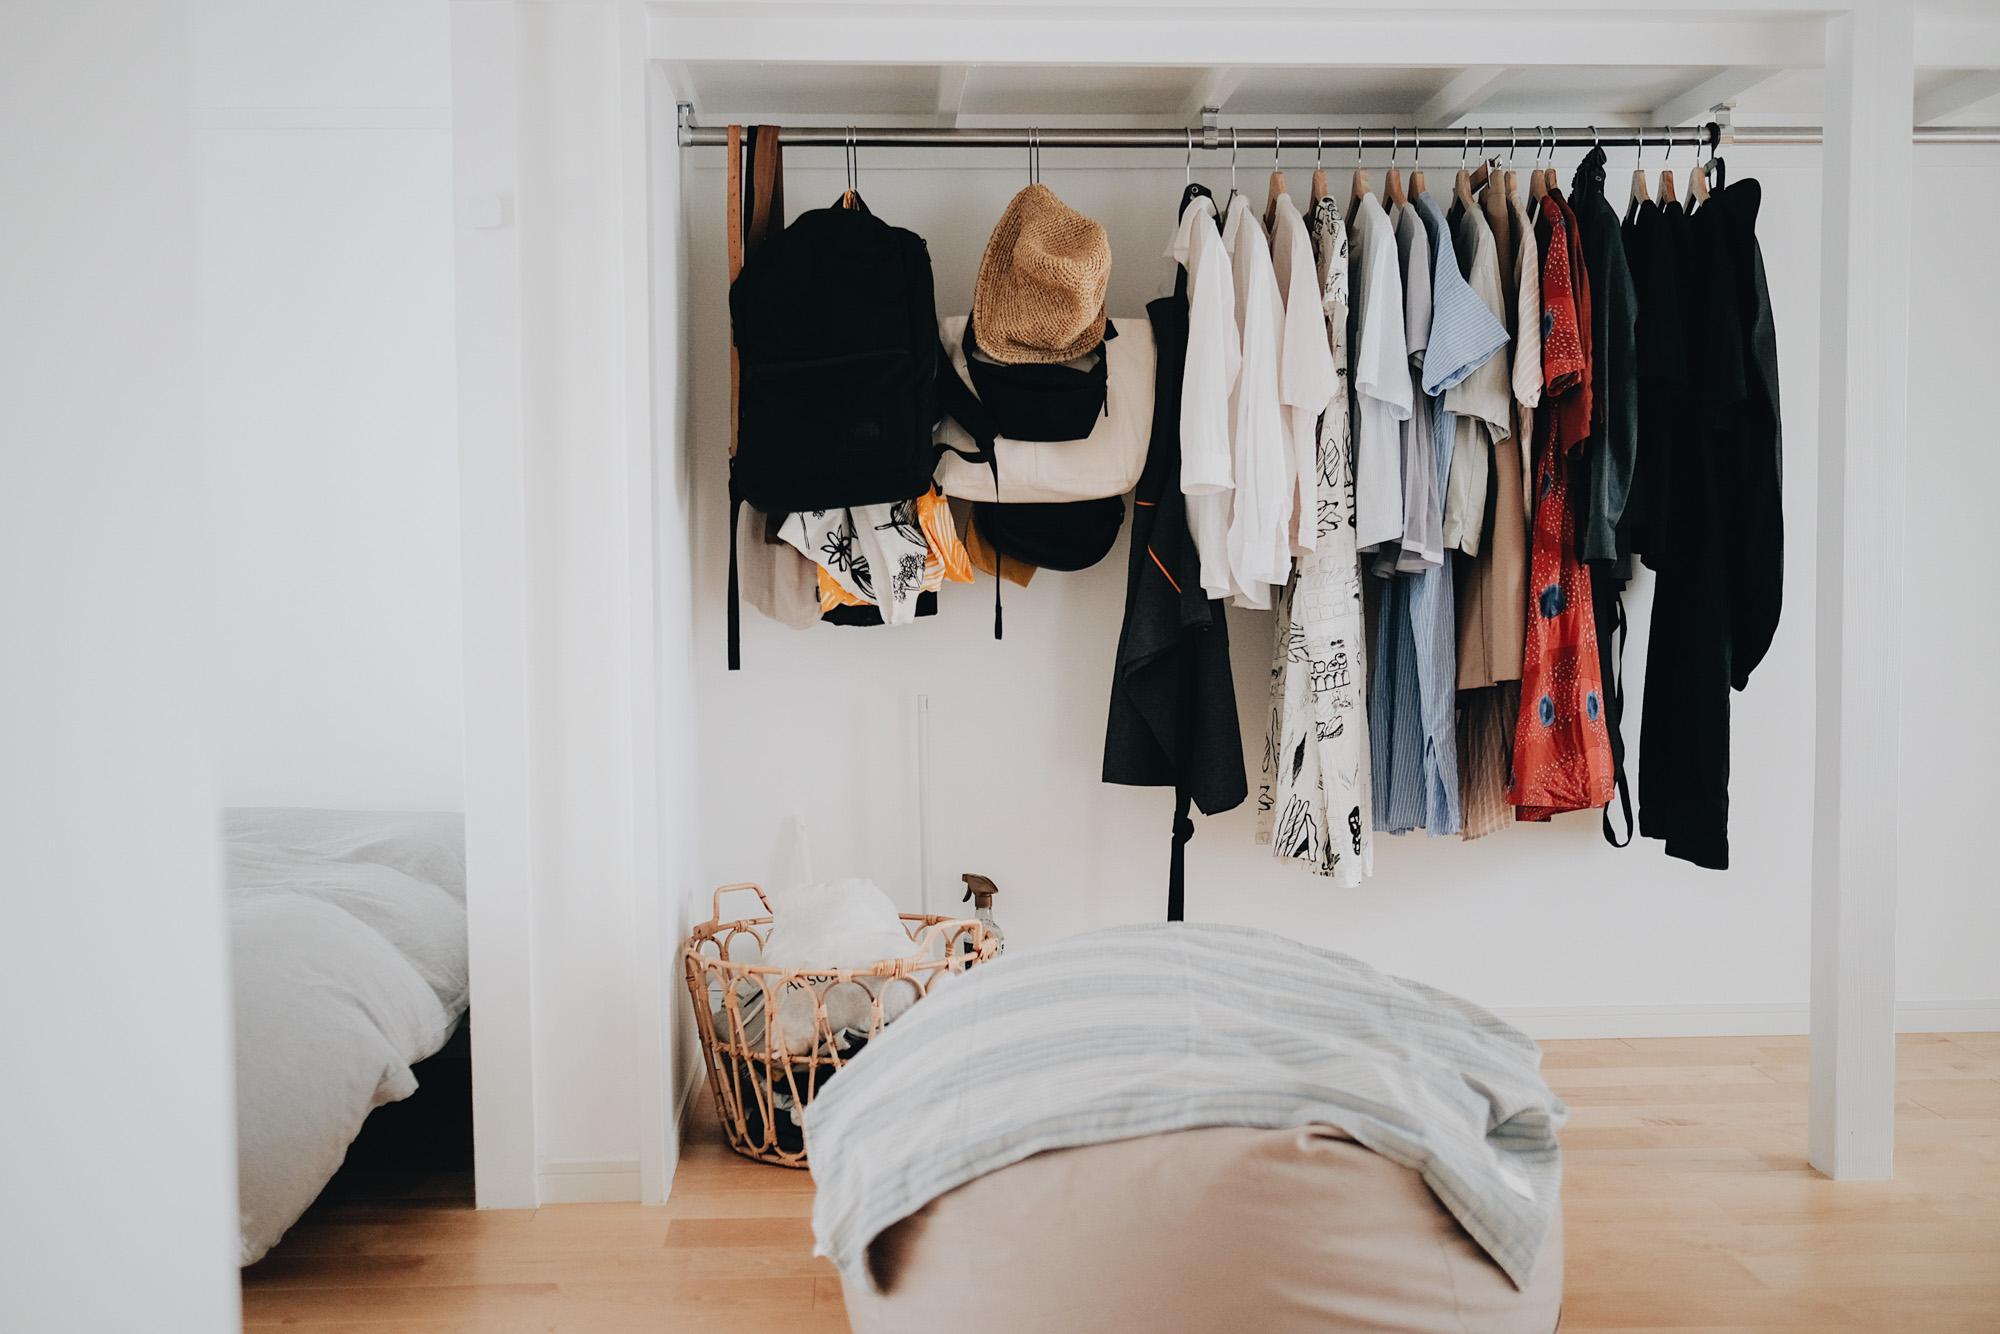 収納は元々スペースがかなりたっぷりとあるため、収納アイテムや家具は買い足さず、ゆったりと使われています。